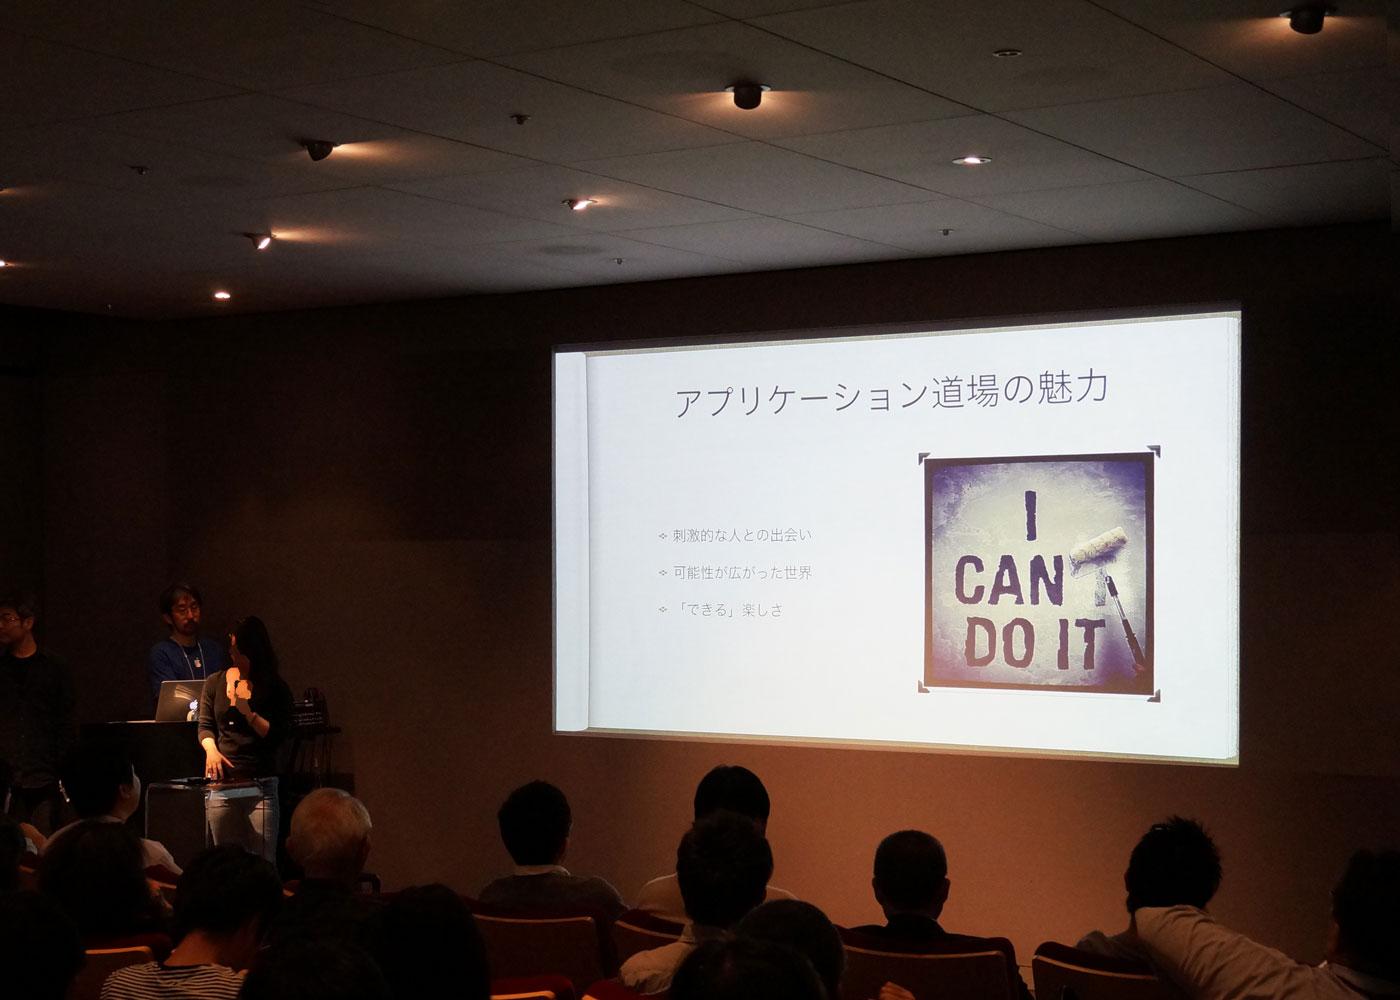 アプリ道場演武会・yukiさんの発表